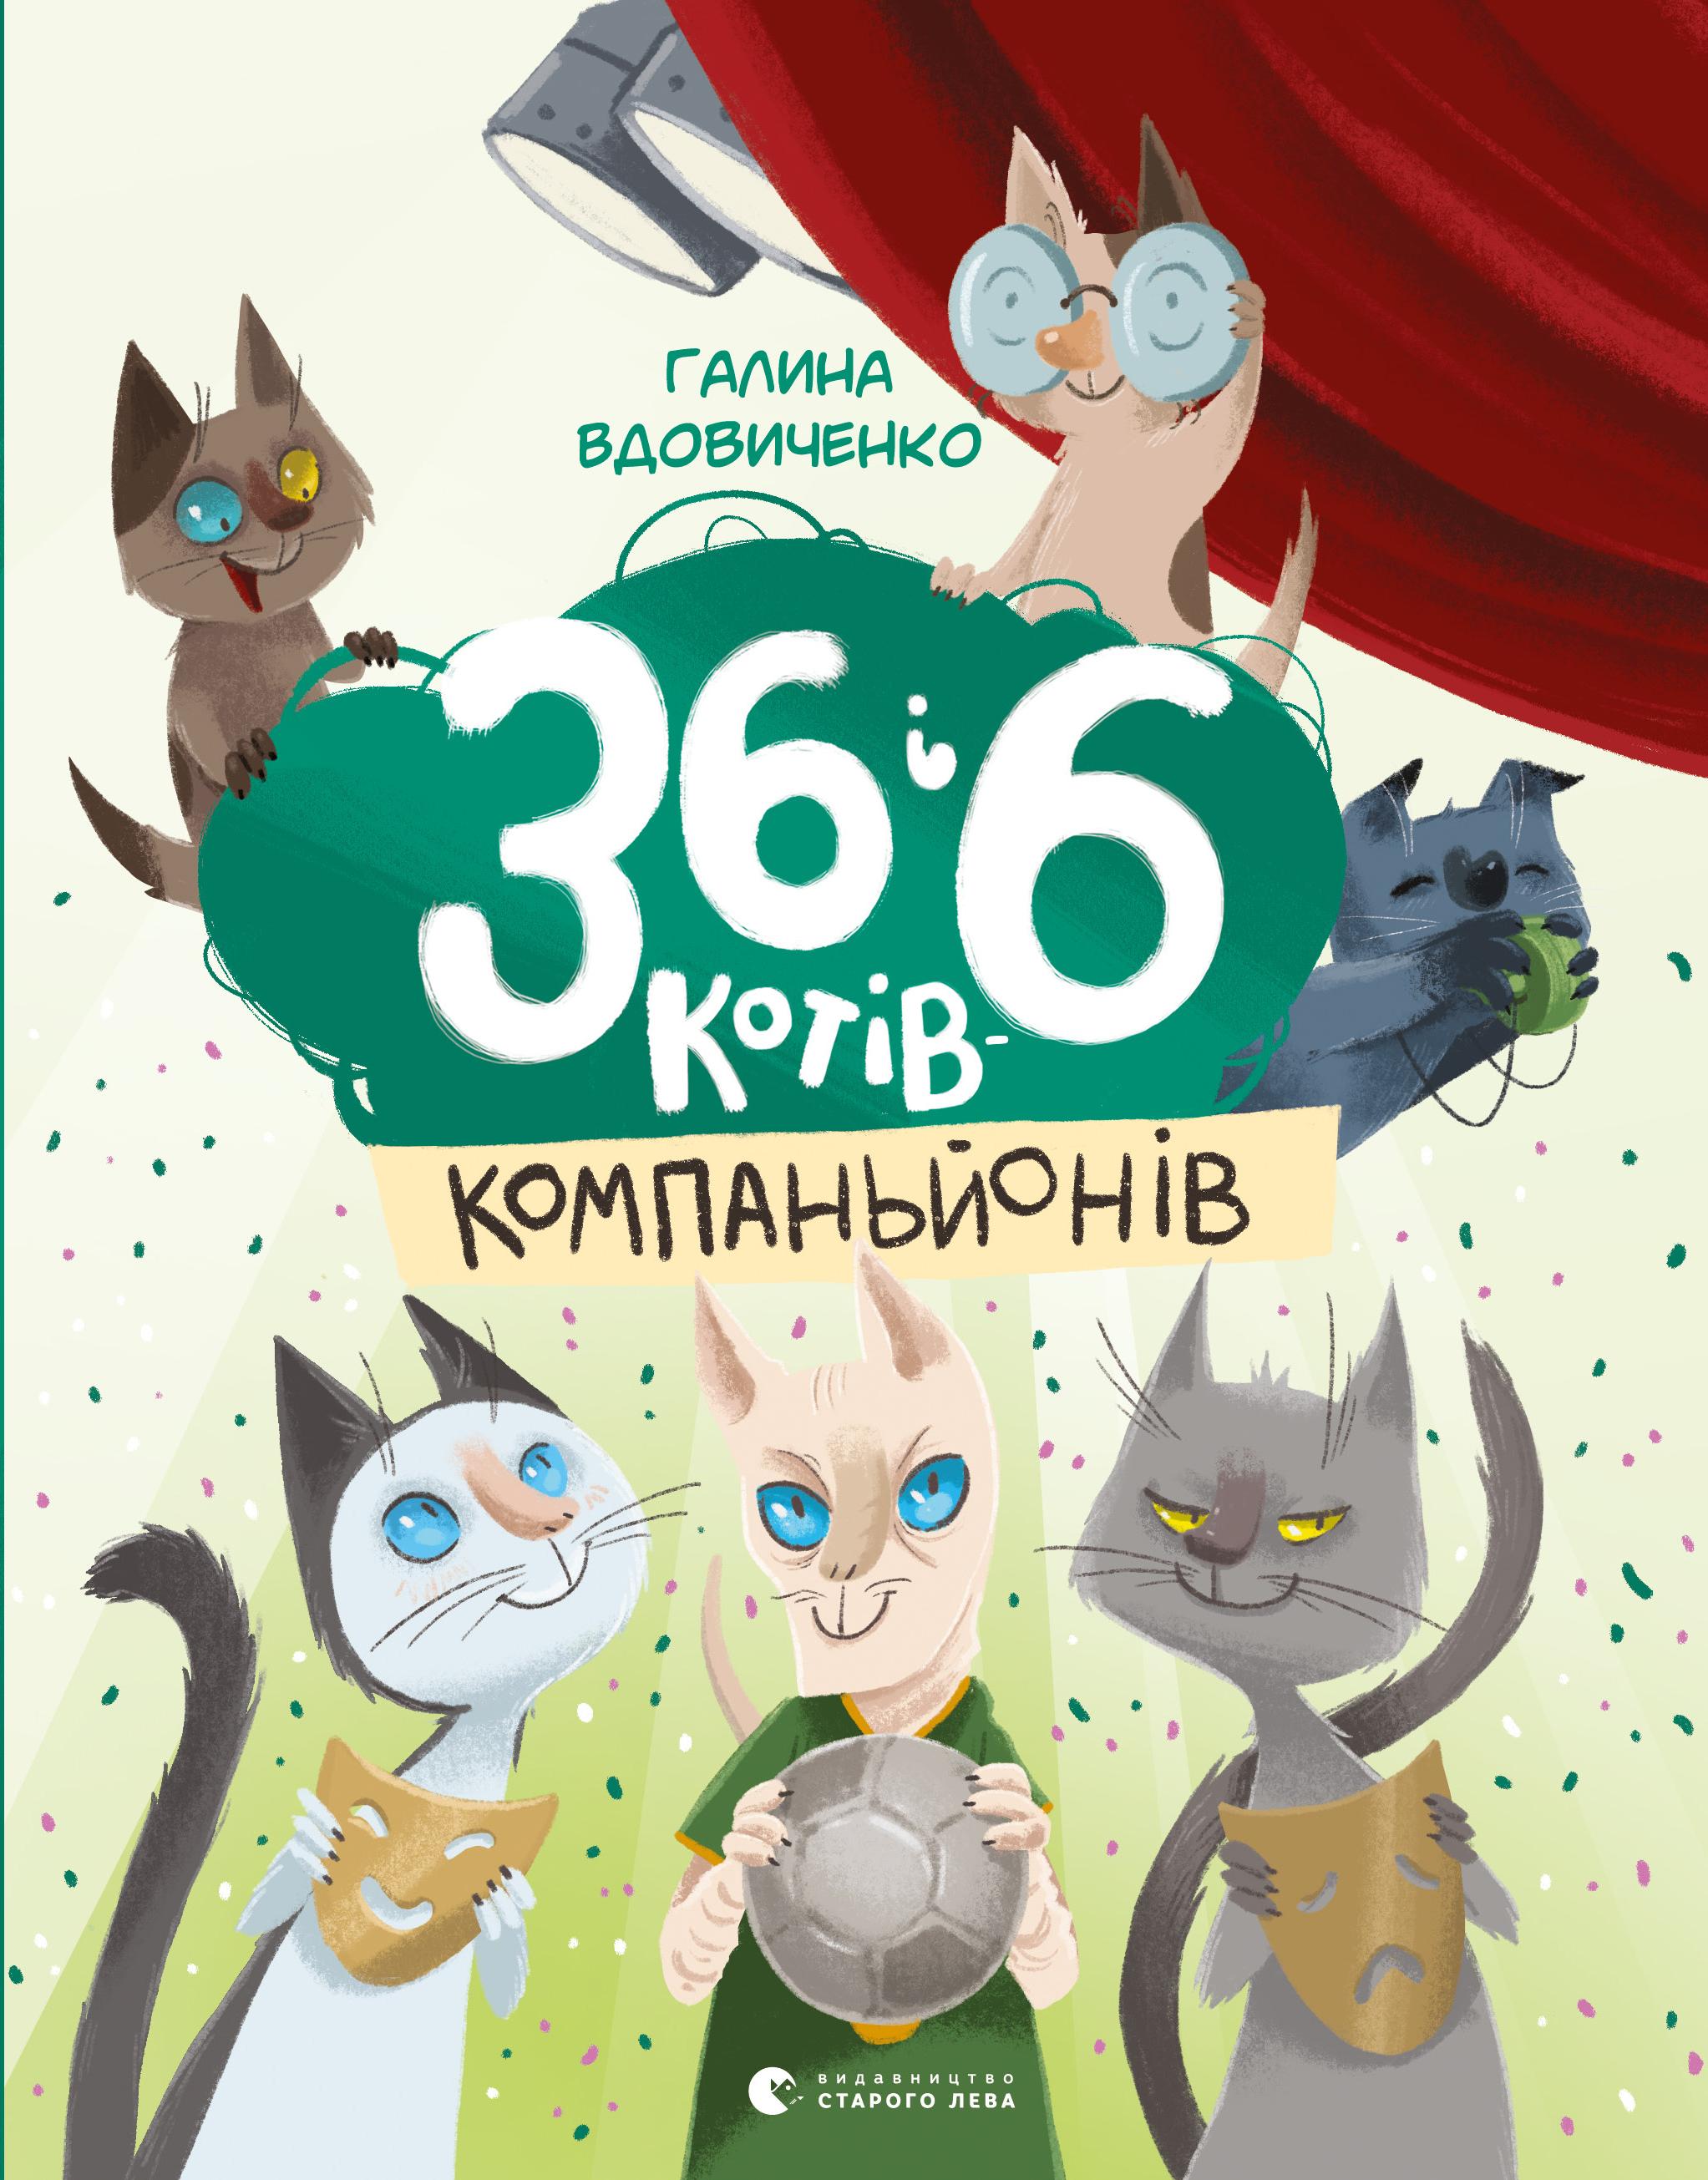 Галина Вдовиченко 36 і 6 котів - компаньйонів